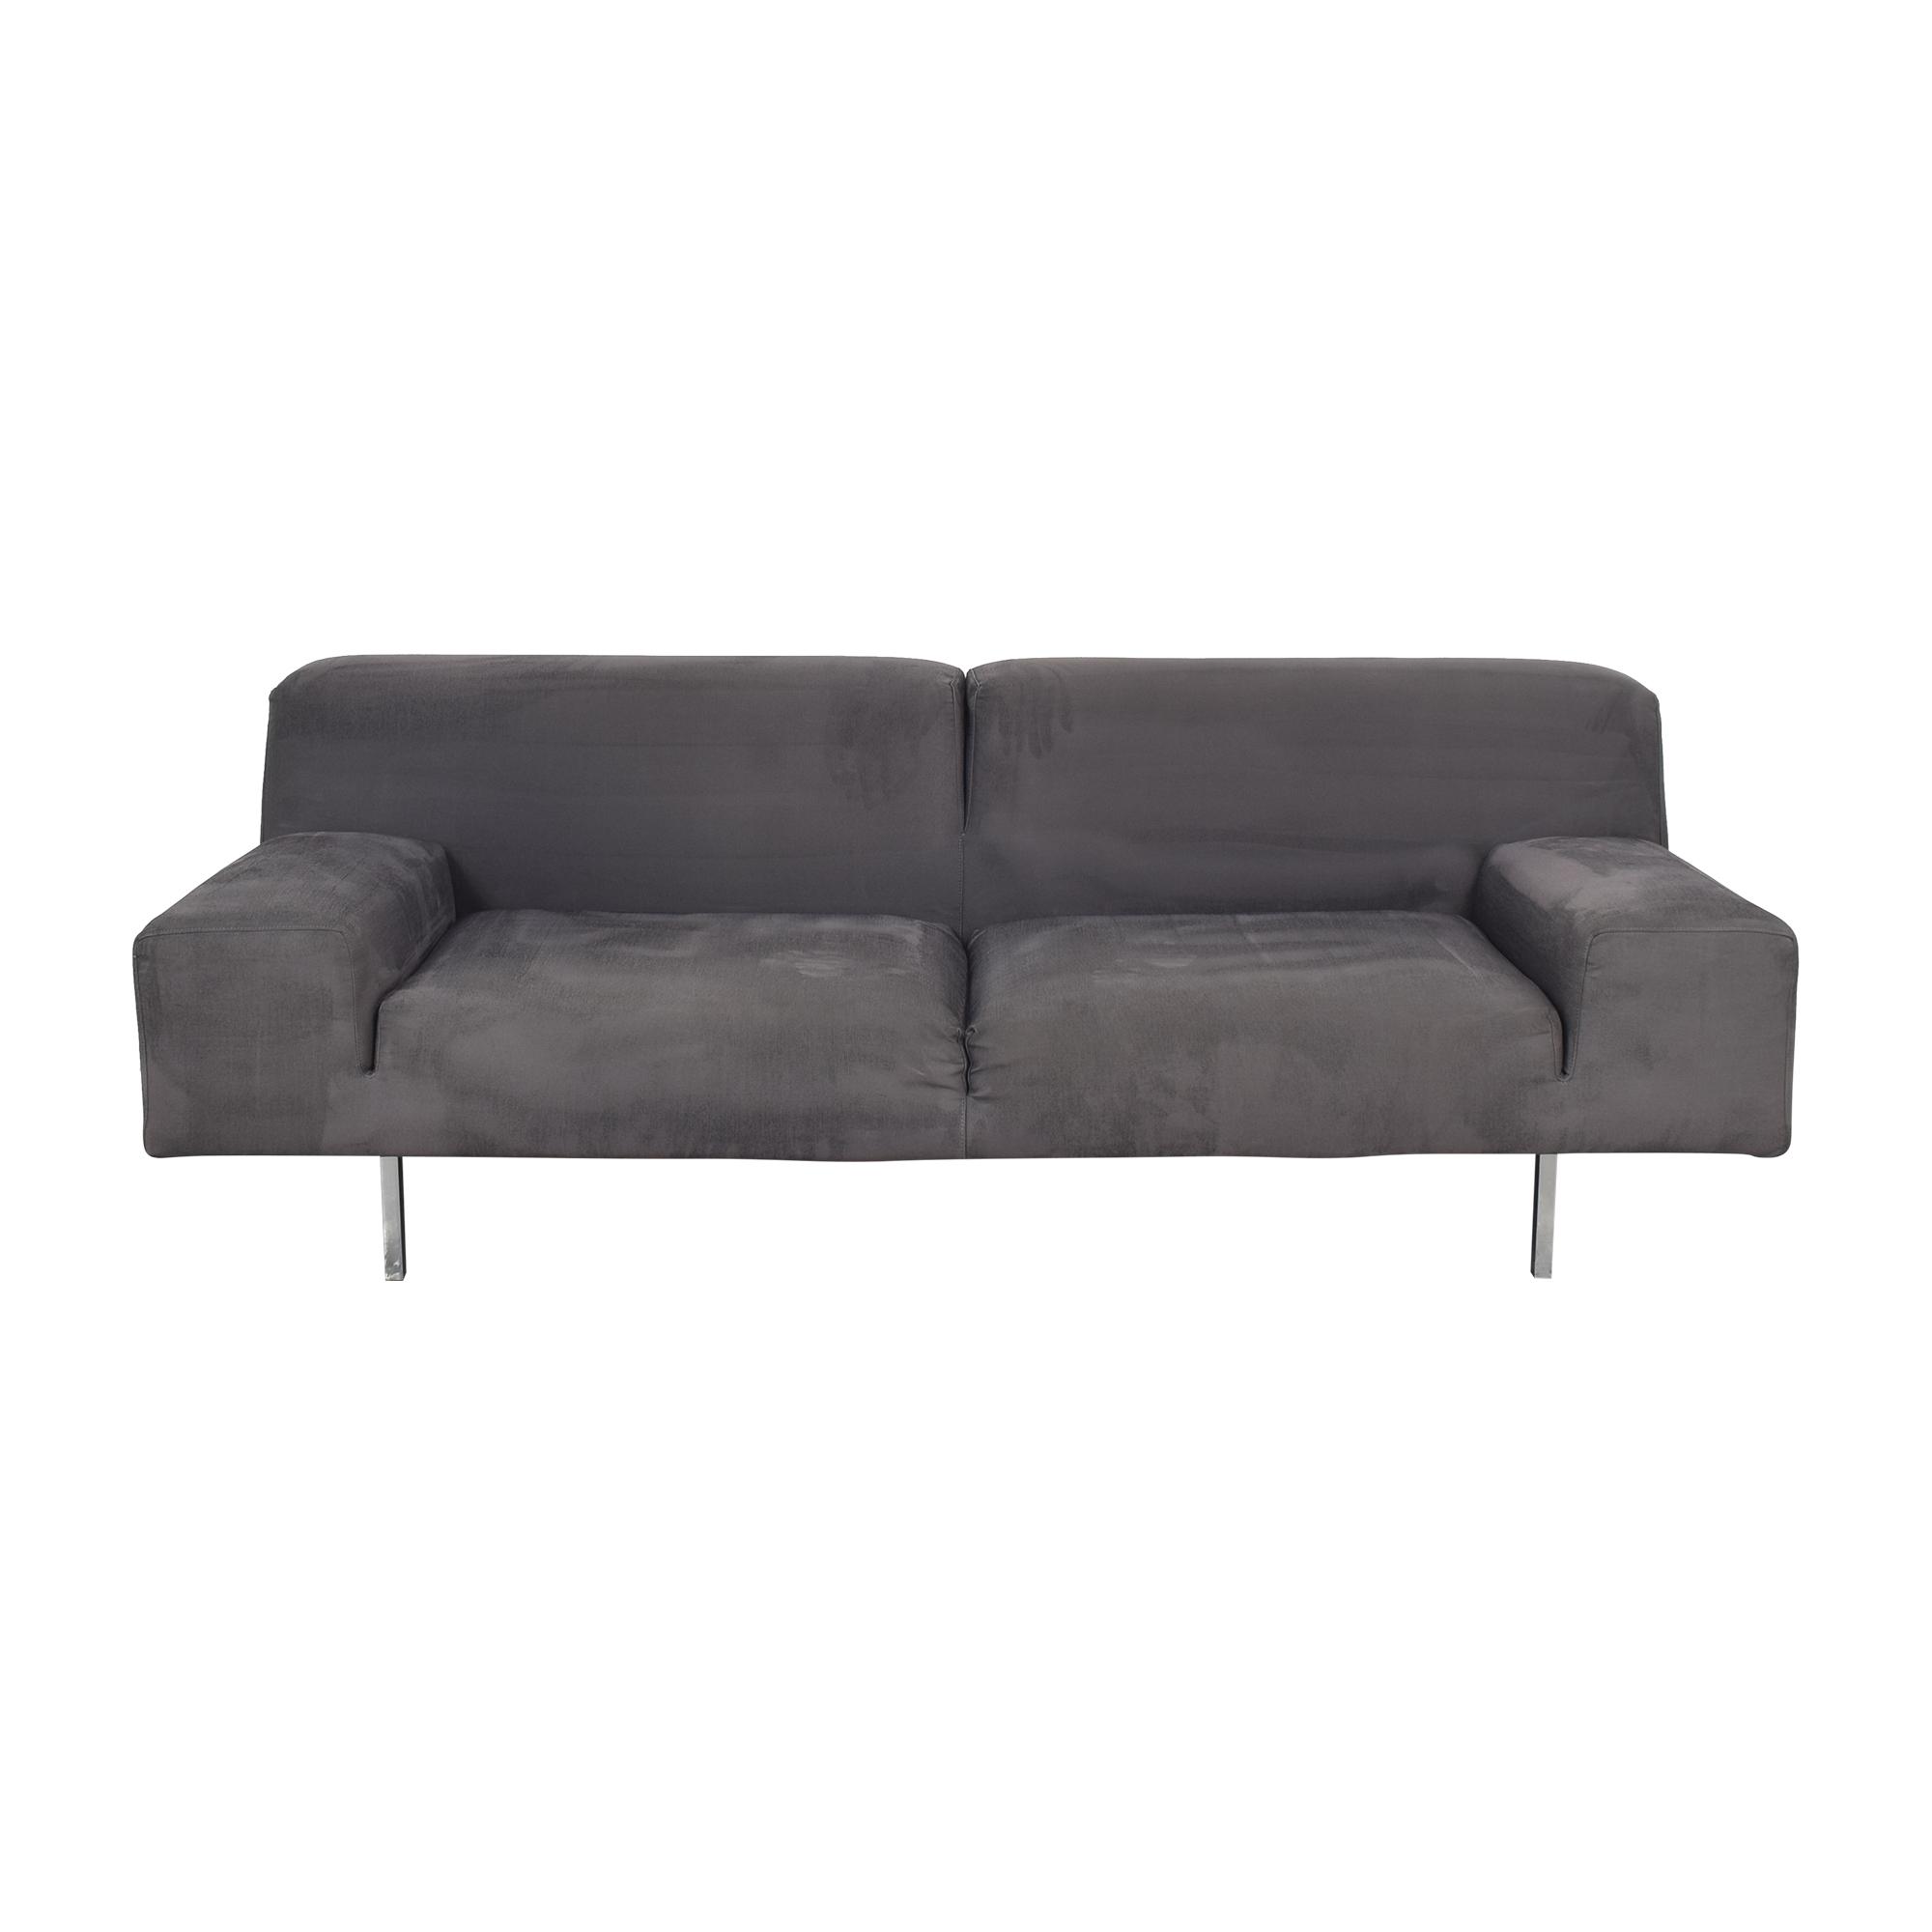 Molteni Molteni Modern Sofa discount